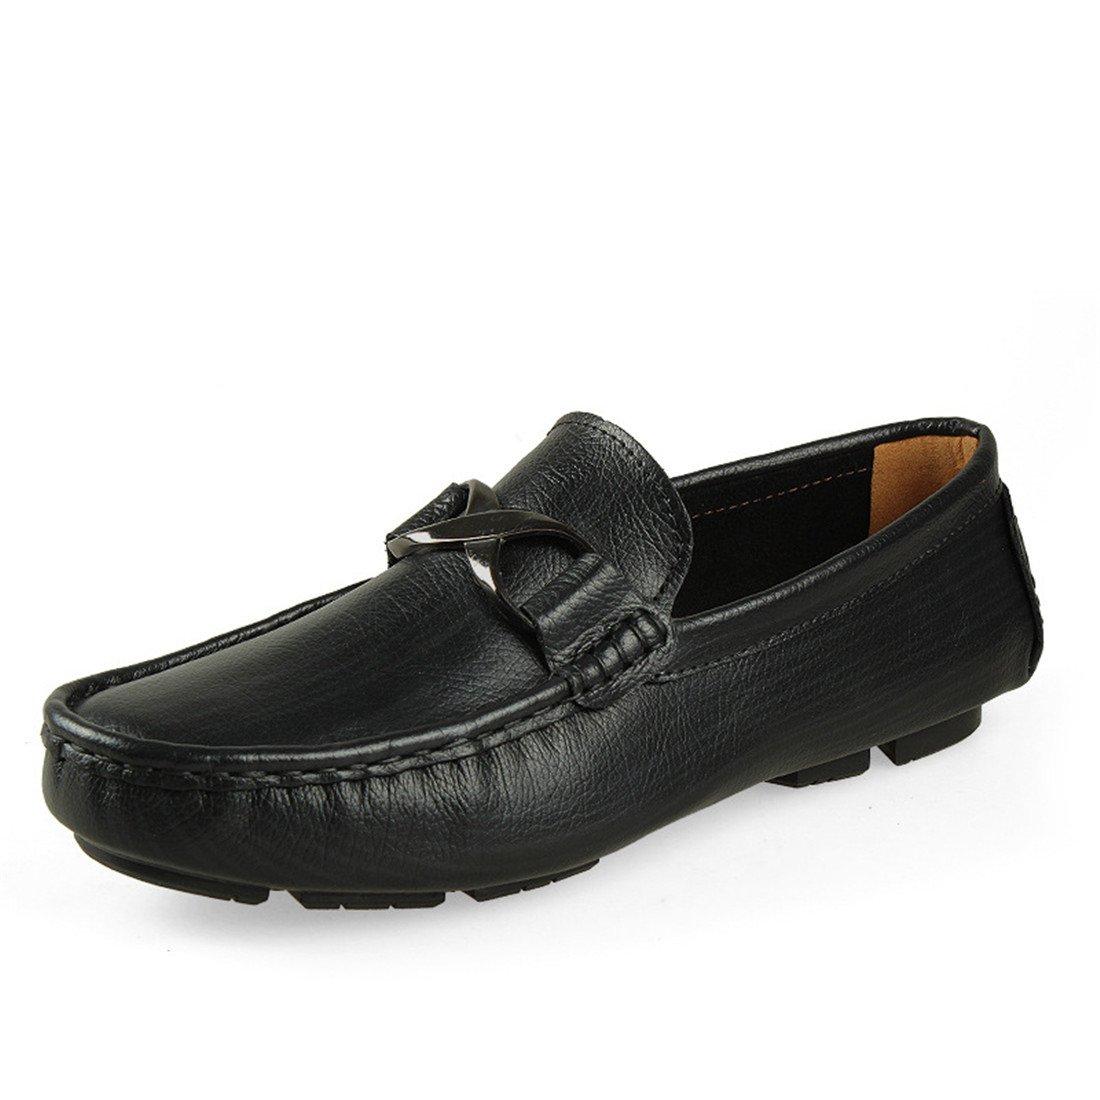 SKY-Maria Herren Licht Freizeit Atmungsaktiv Lederschuhe Flache Schuhe Rutschfest Große Größe Lässige Schuhe Grösse 35-50